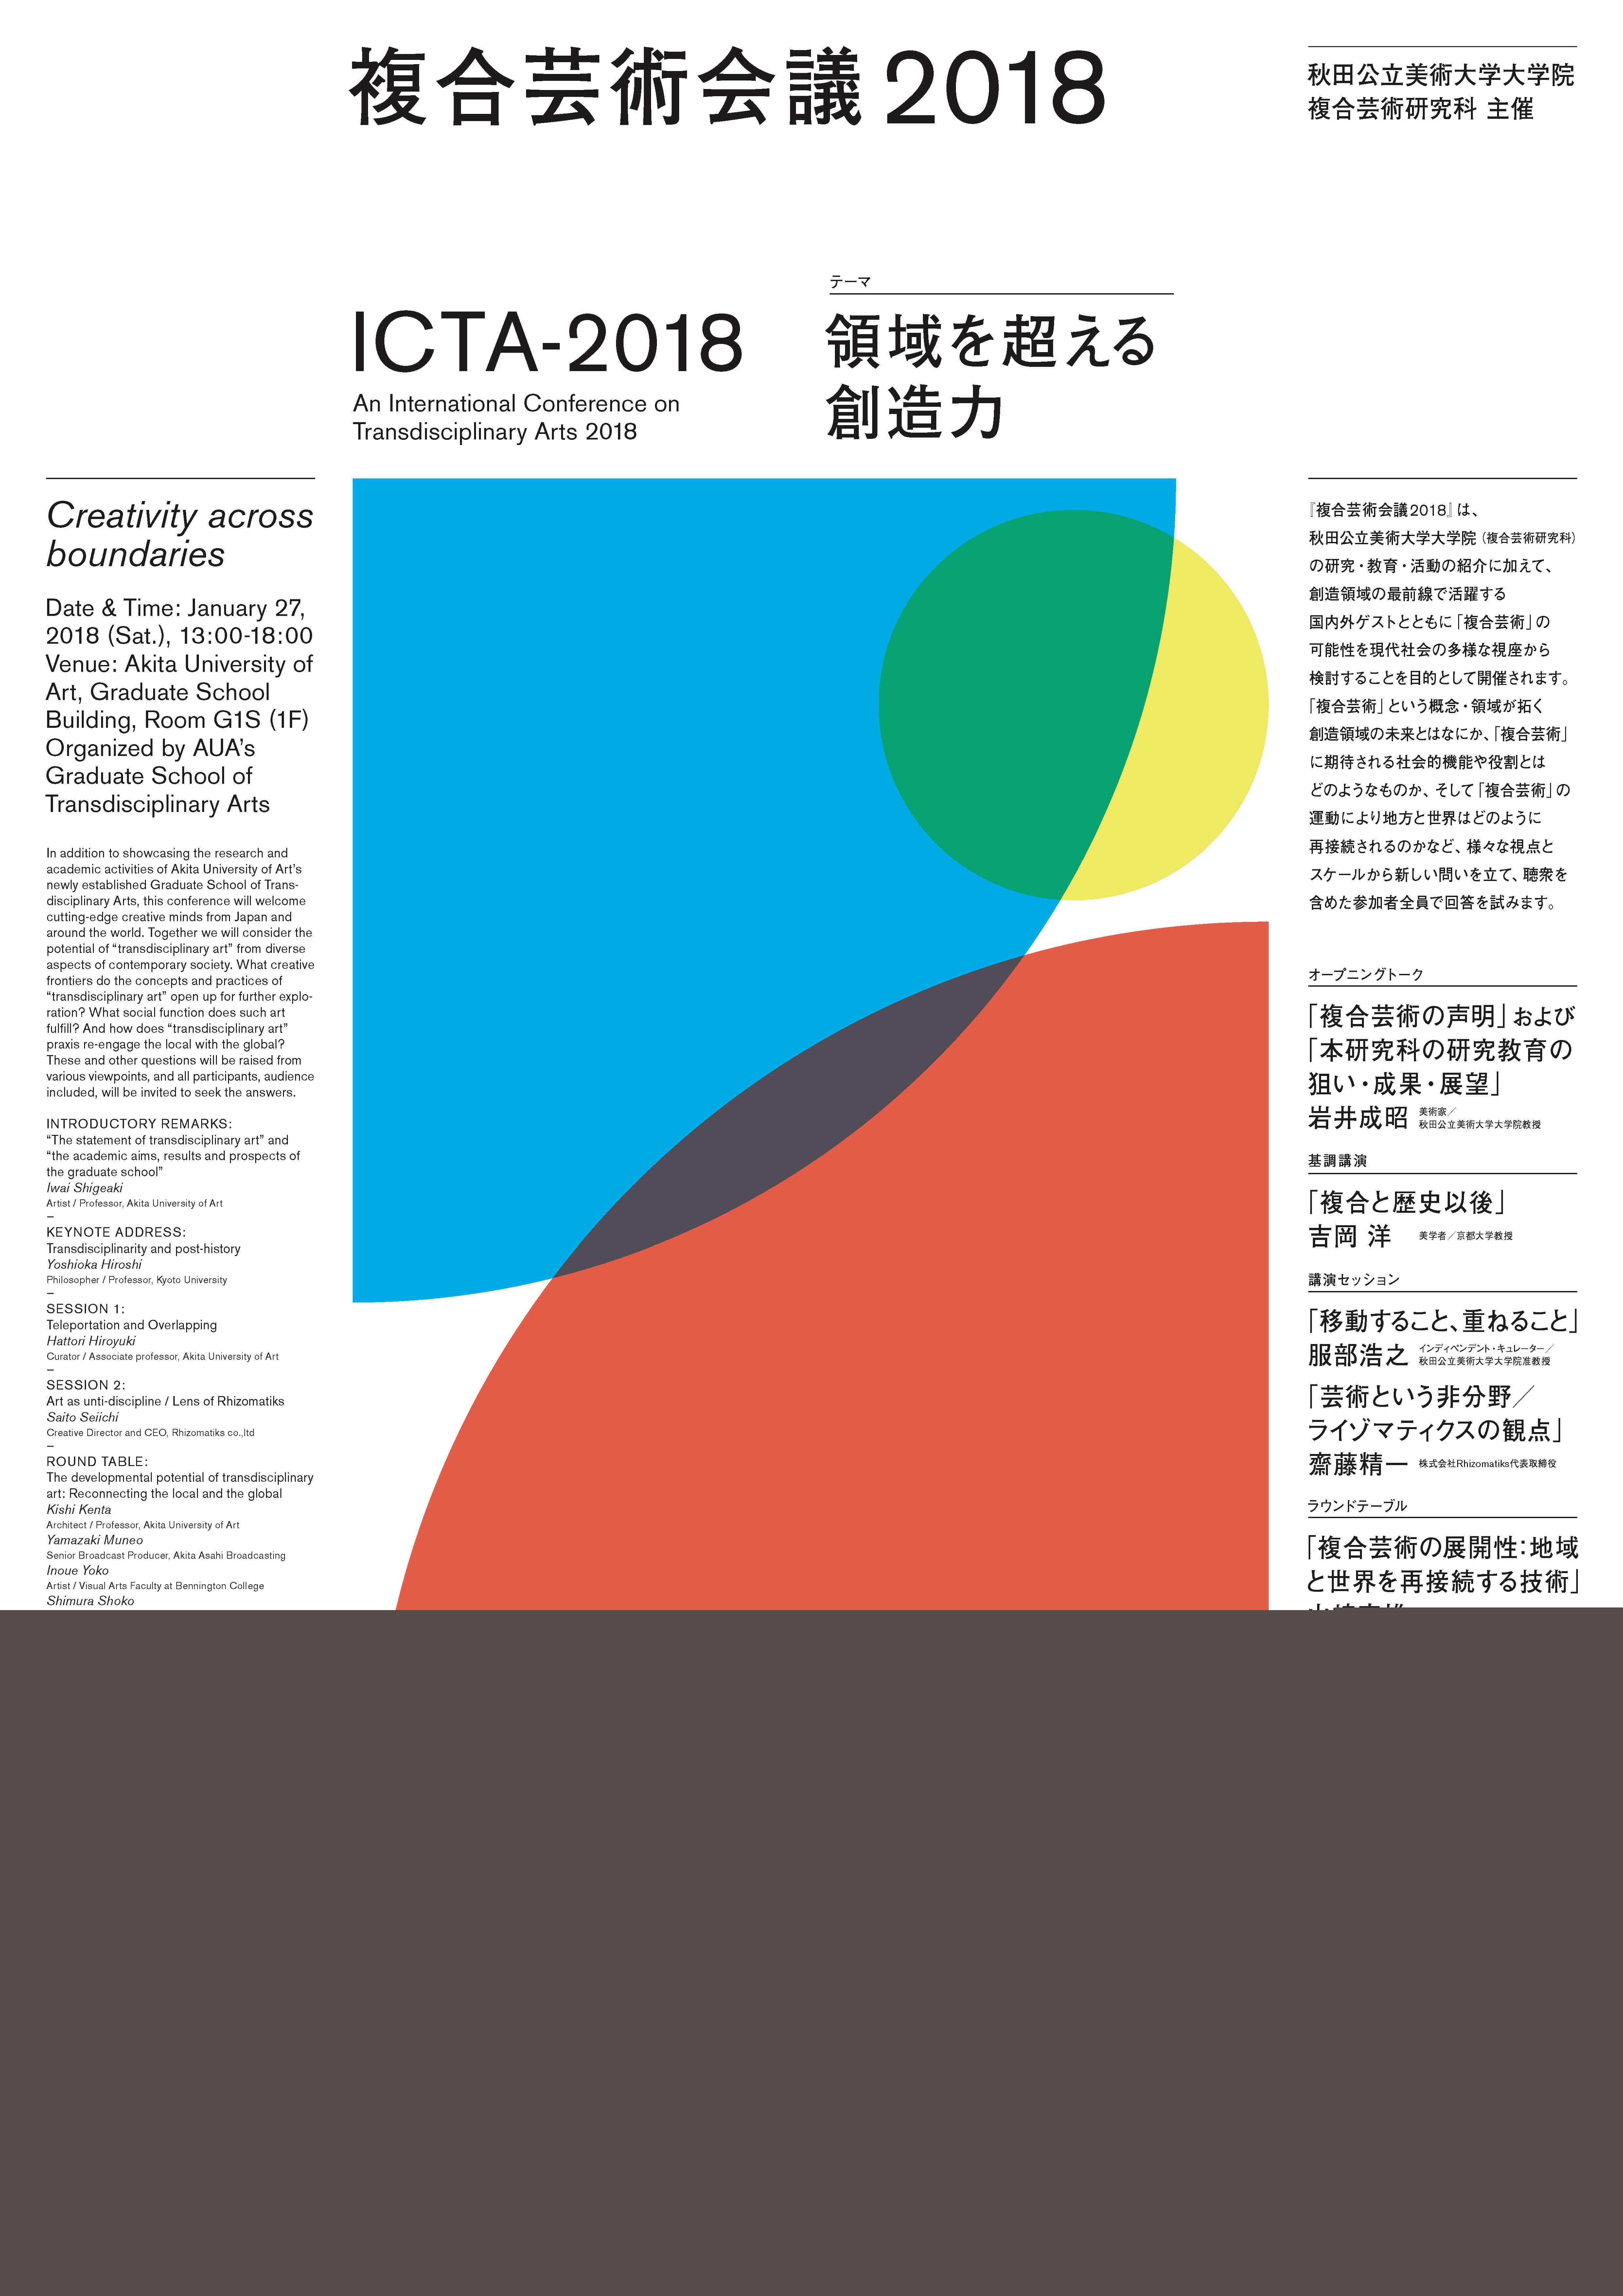 複合芸術会議2018 (ICTA2018)